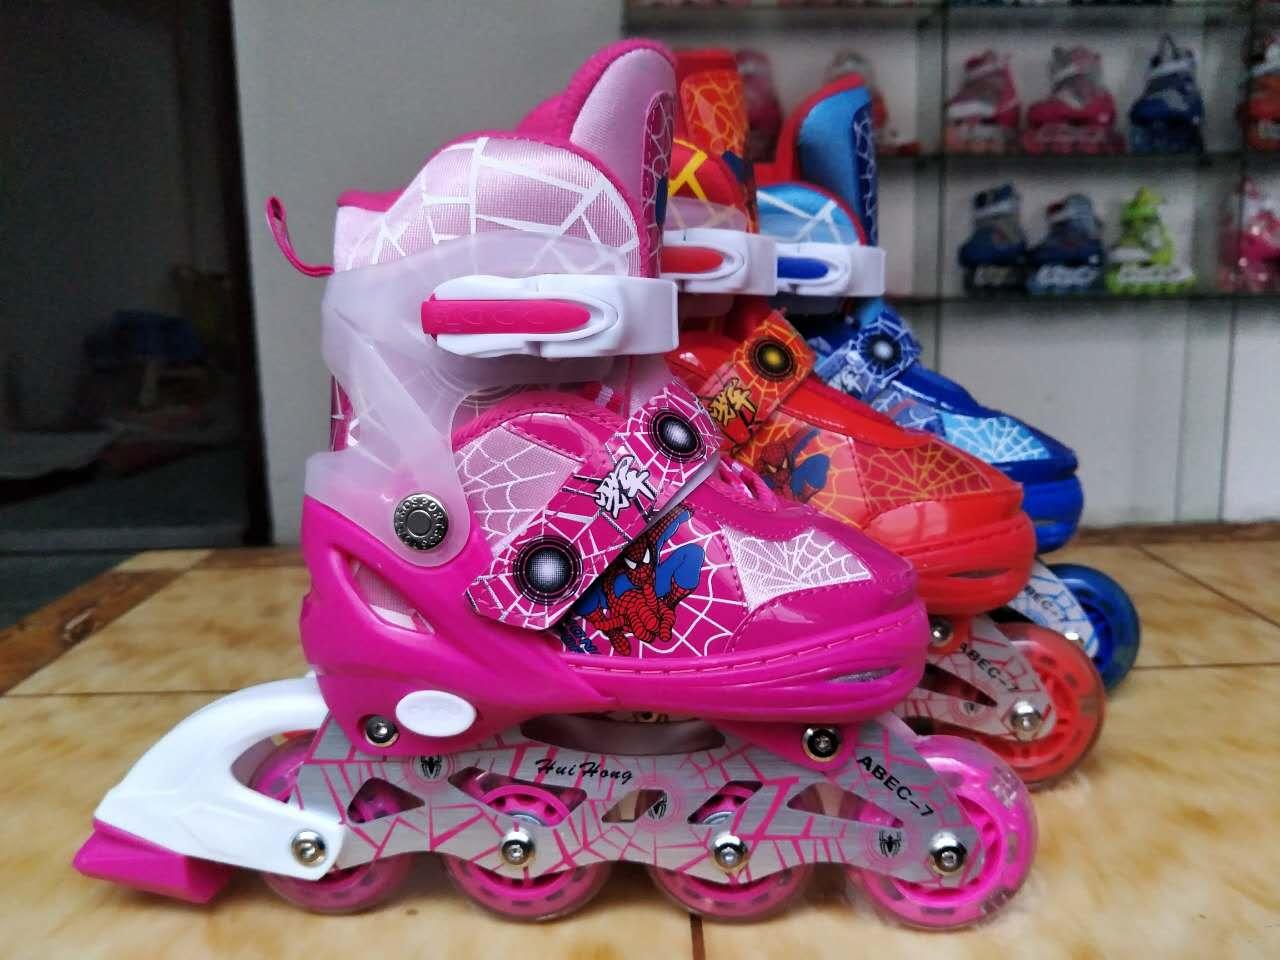 物超所值的儿童轮滑鞋 轮滑鞋厂家、价位合理的迪士尼儿童溜冰鞋鞋在哪里可以买到